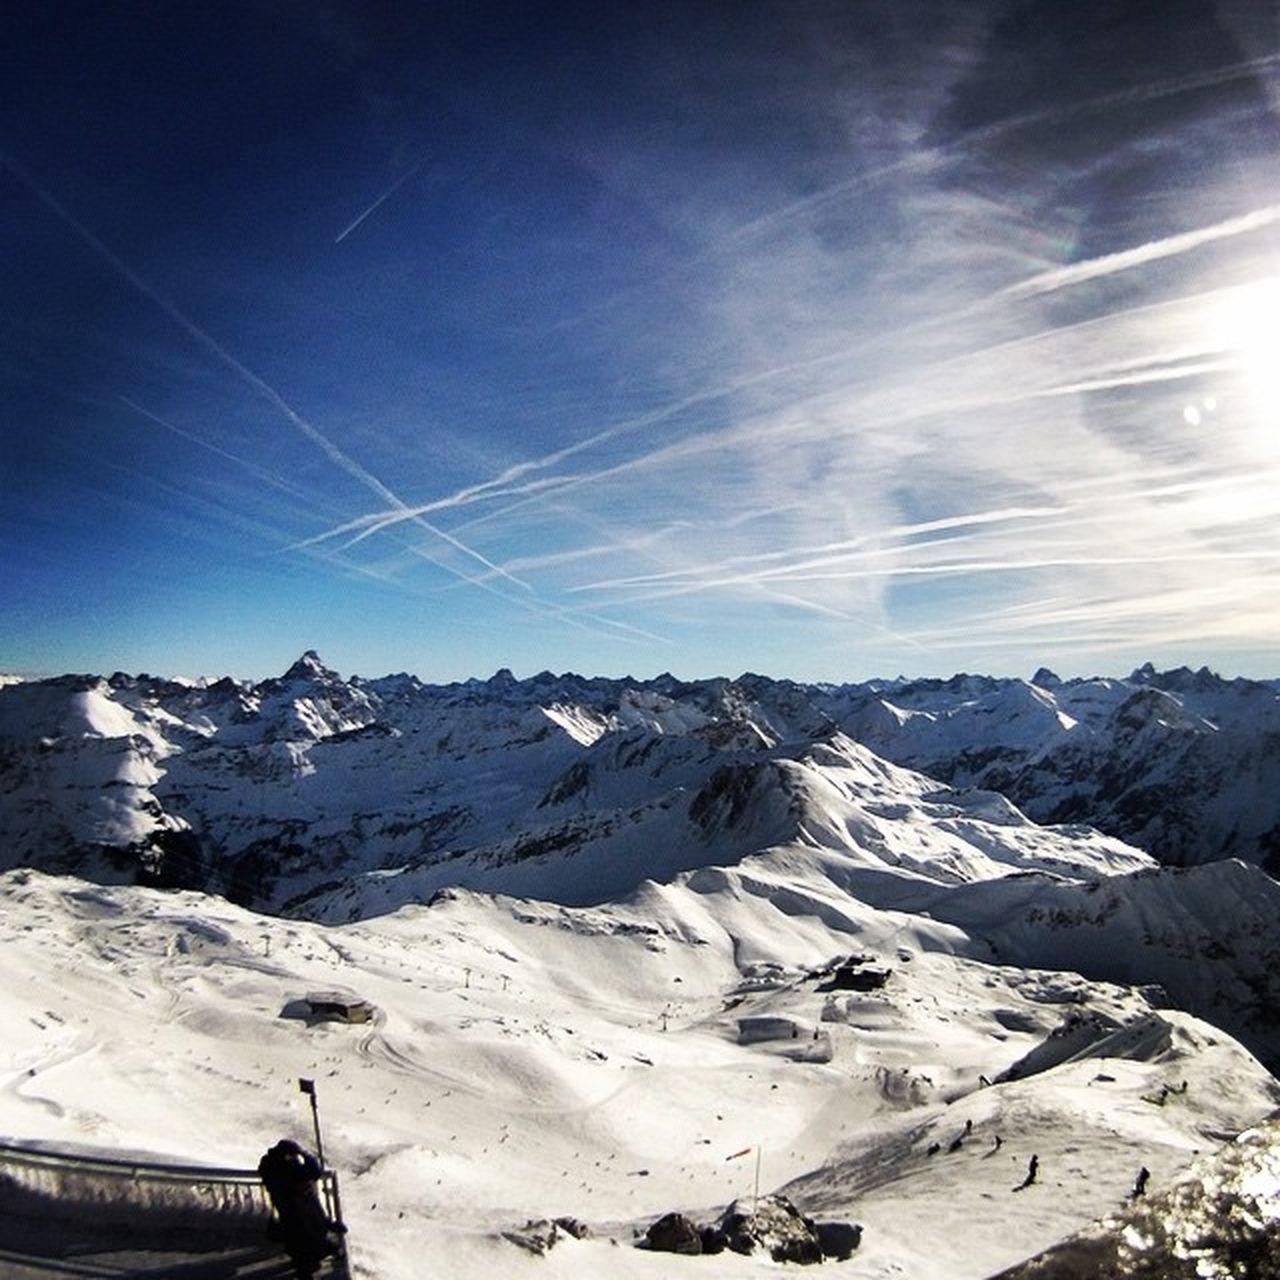 Ski Snowboard Alpen Alps Snow White Winter Bavaria Bayern Österreich Germany Oberstdorf Nebelhorn Freestyle Chillig Sun Rollei Rolleibullet